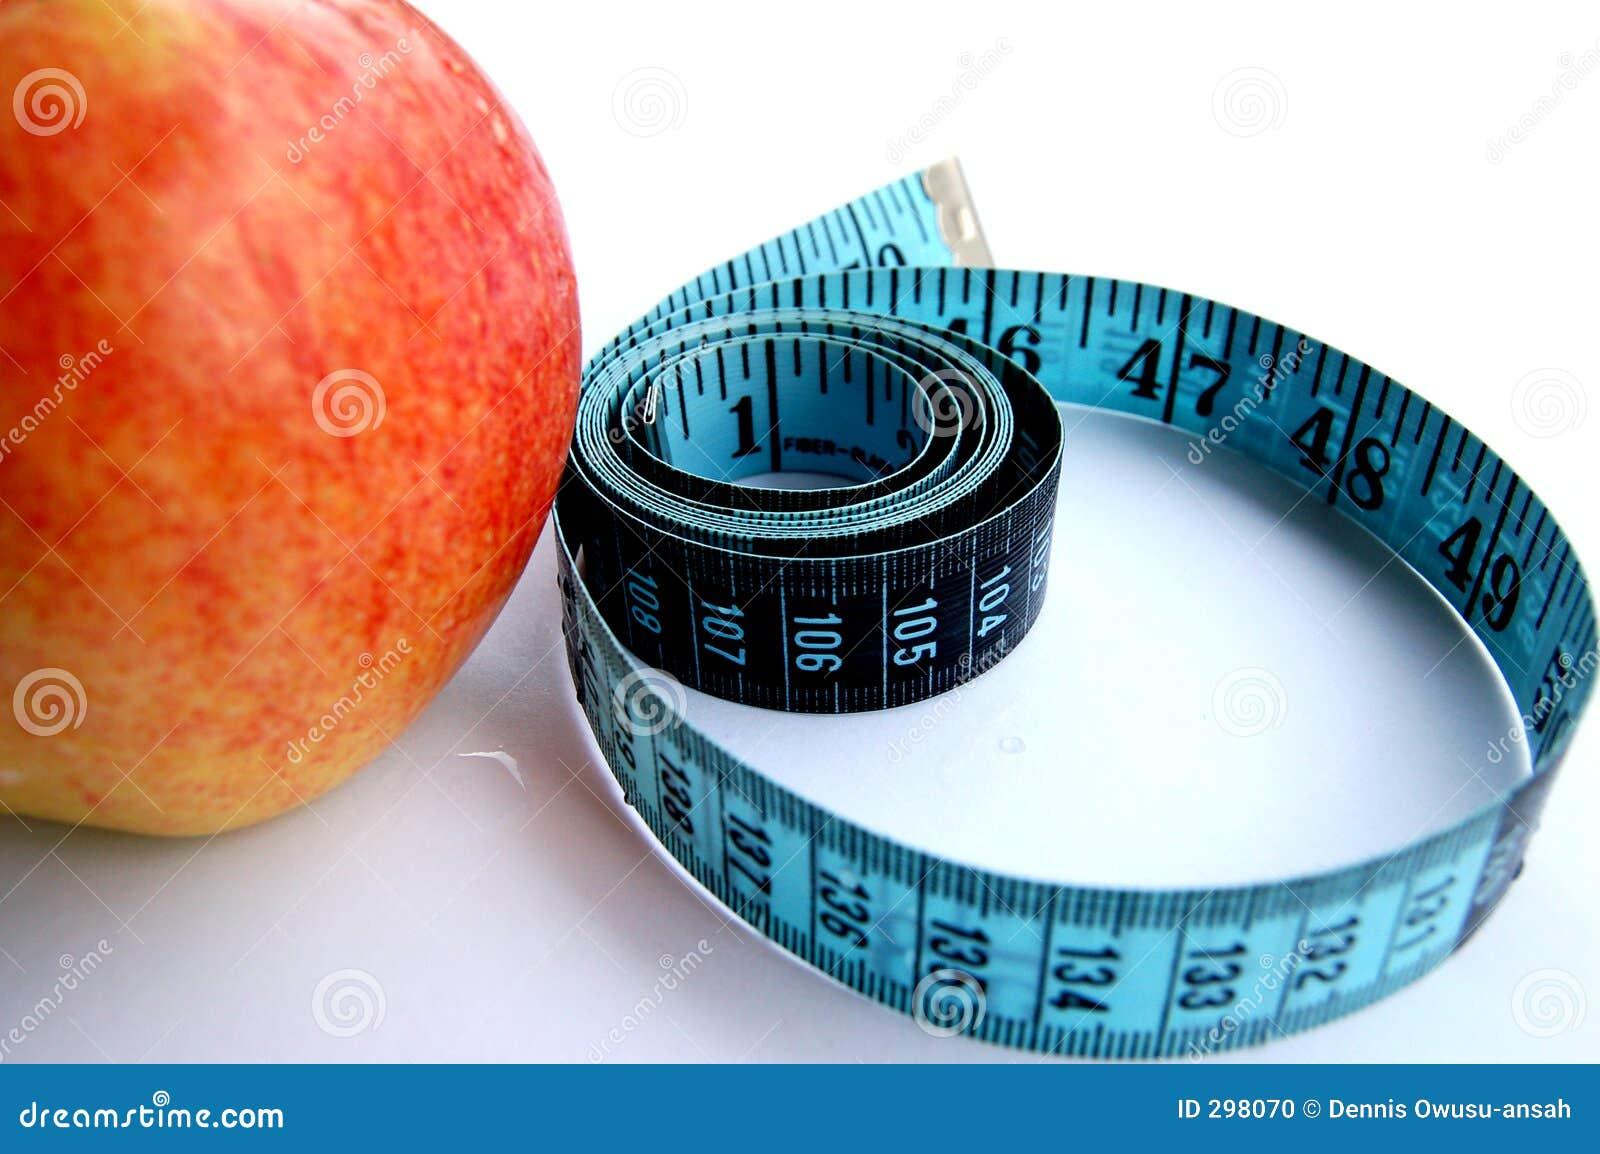 In het nauw gedreven in een dieet